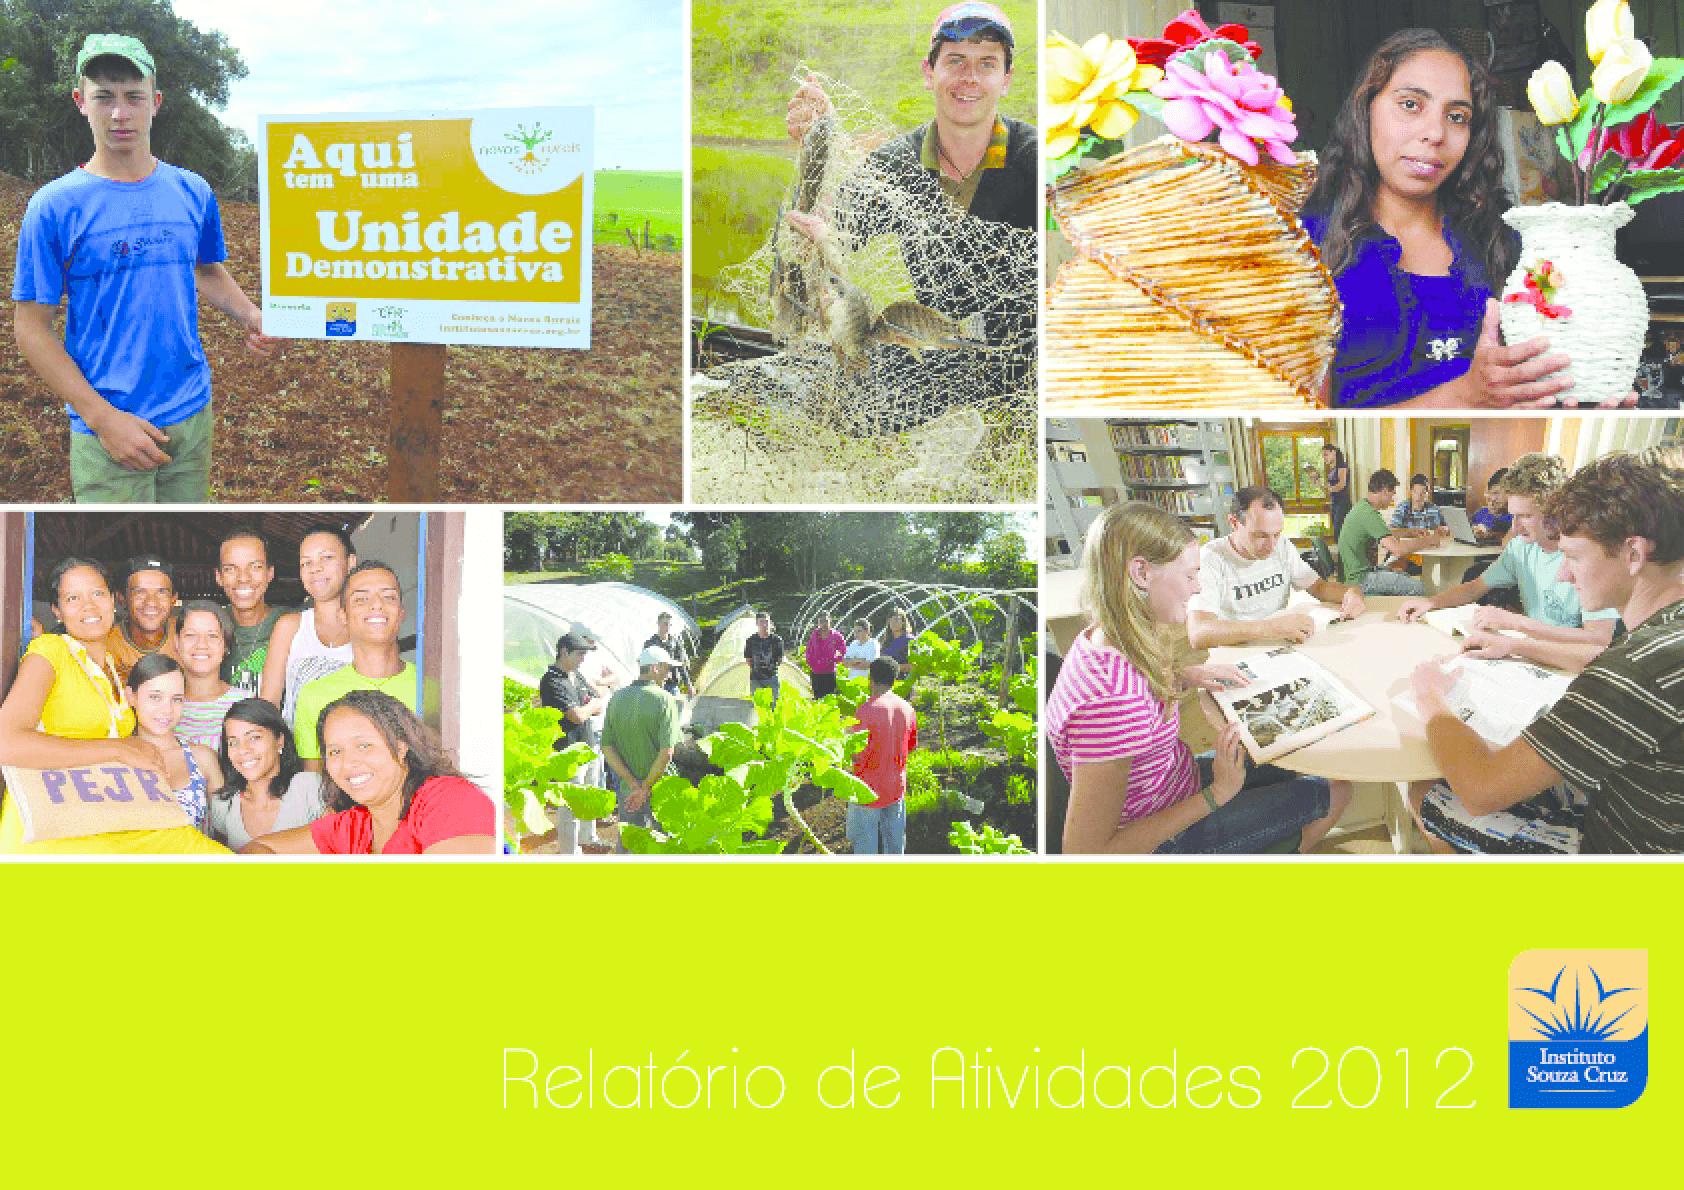 Relatório de atividades 2012 - Instituto Souza Cruz